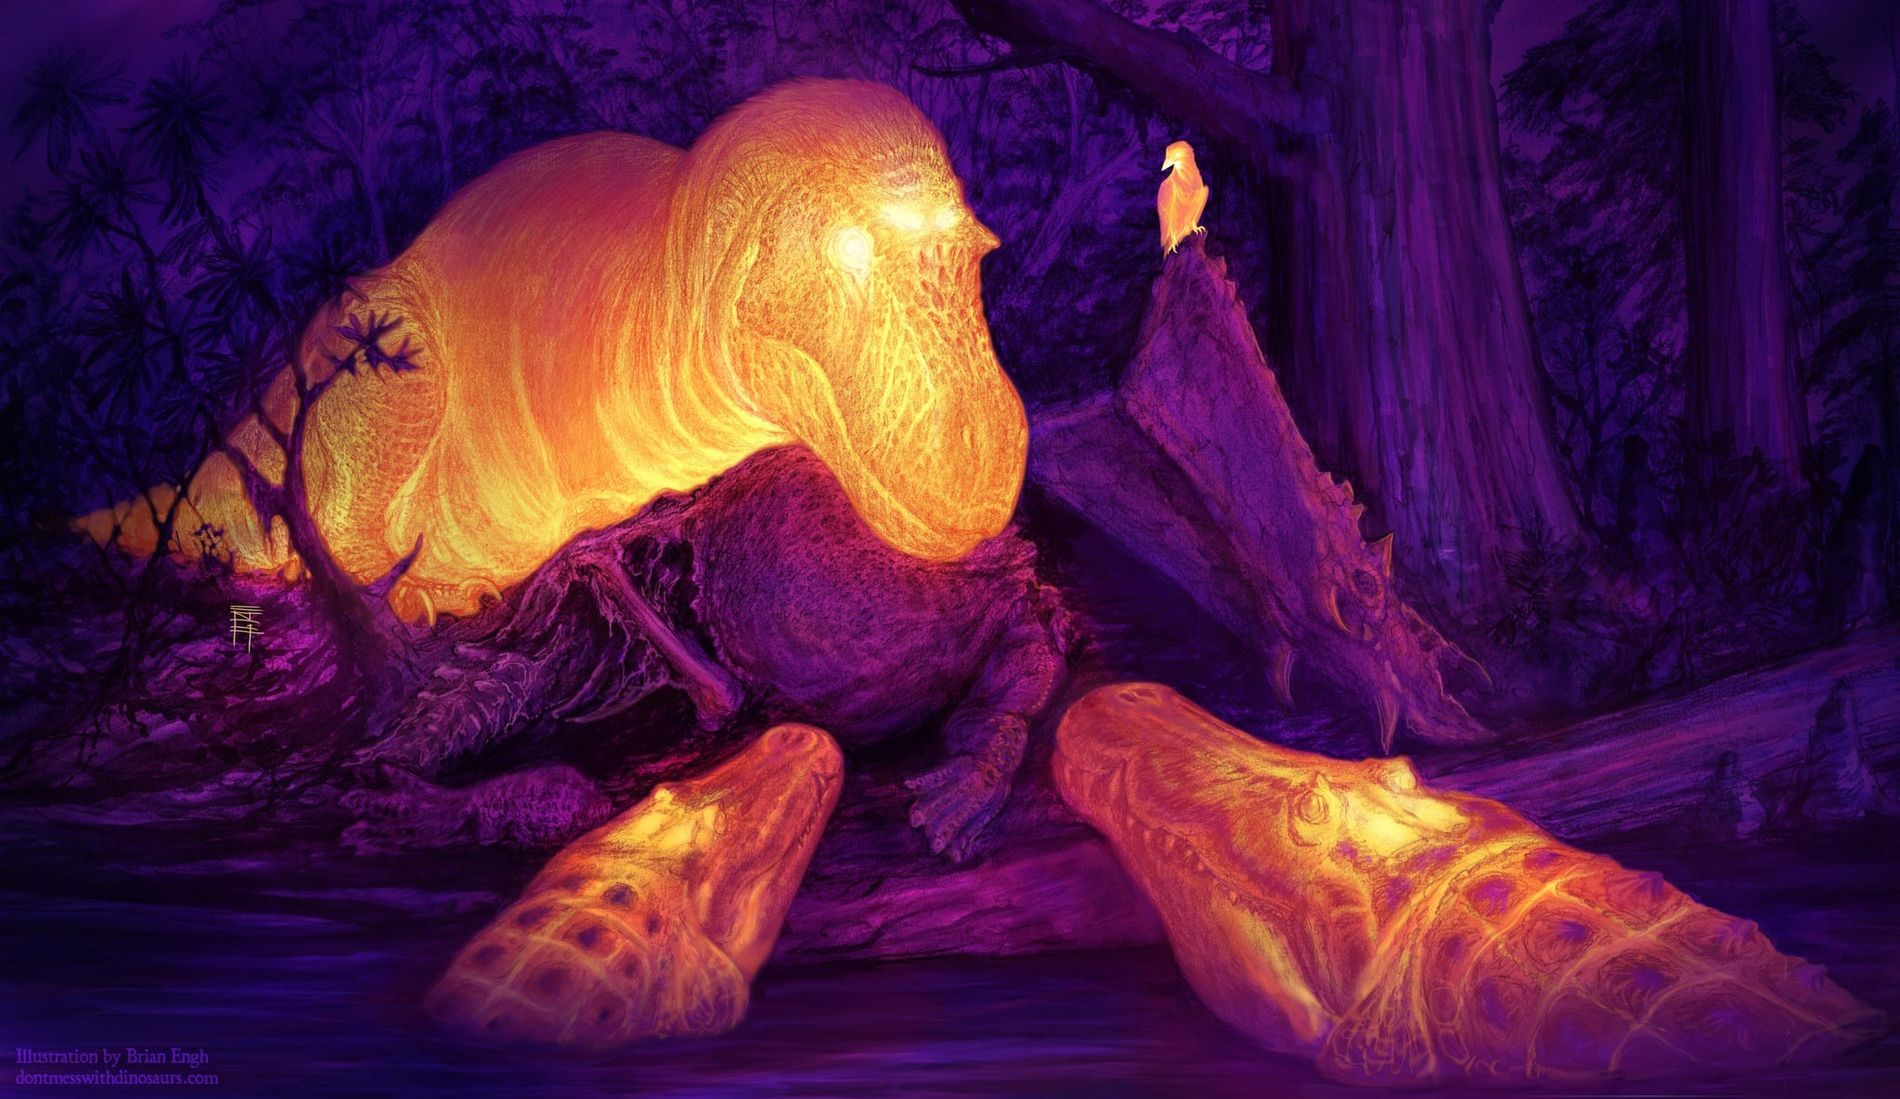 Diese künstlerische Interpretation zeigt eine hypothetische Infrarotaufnahme einer kreidezeitlichen Szene in Nordamerika: Der Tyrannosaurier Daspletosaurusund zwei Krokodile der Gattung Deinosuchusnähern sich dem Kadaver eines gehörnten Sauriers. Bestimmte Bereiche am Schädel der Tiere geben überschüssige Wärme an die Umgebung ab – eine Anpassung, die den Tieren geholfen haben könnte, ihr Gehirn zu kühlen.